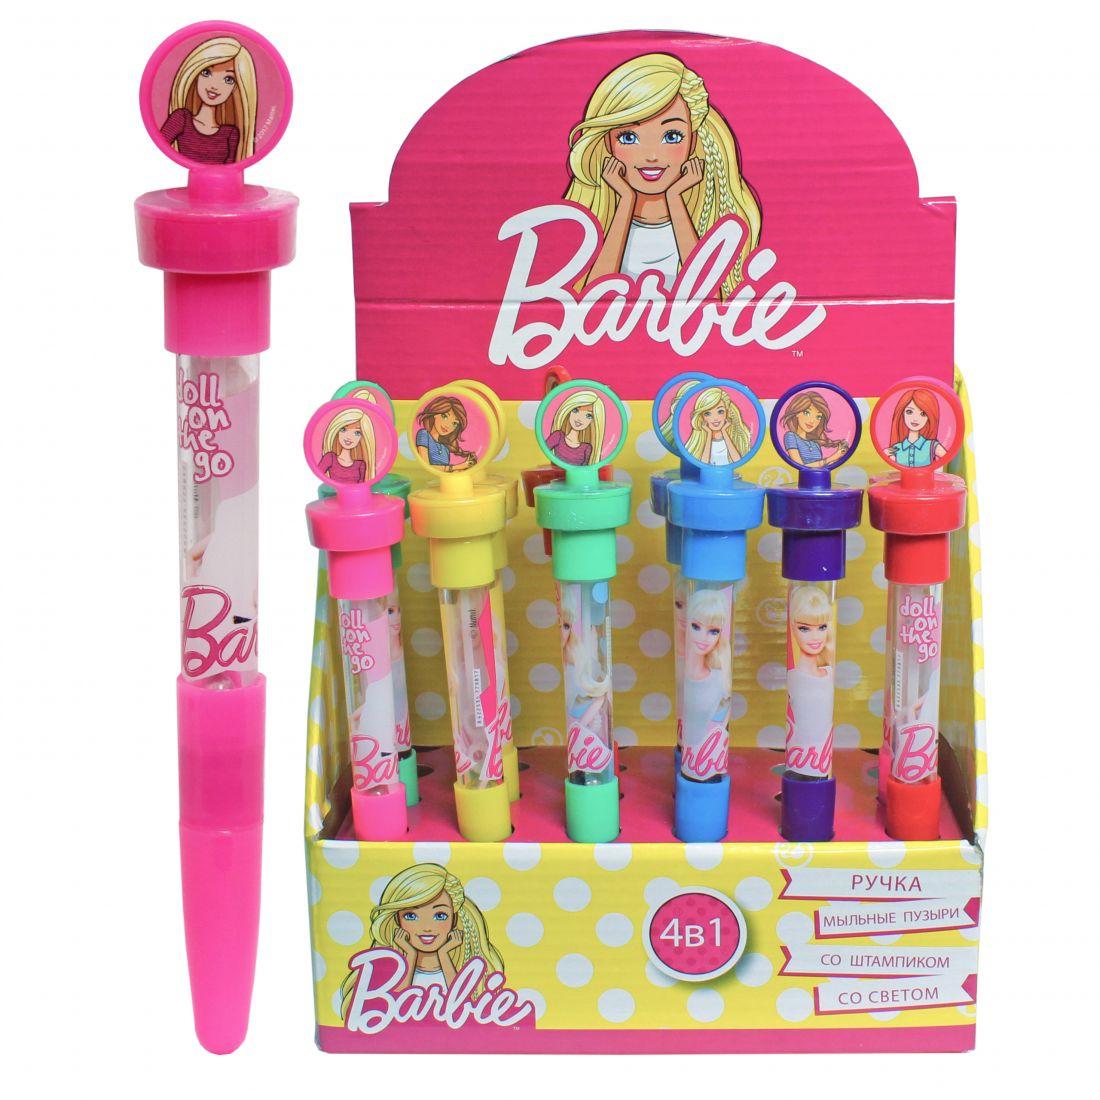 Ручка с Мыльными пузырями 4 в 1 Барби со светом, 5 мл